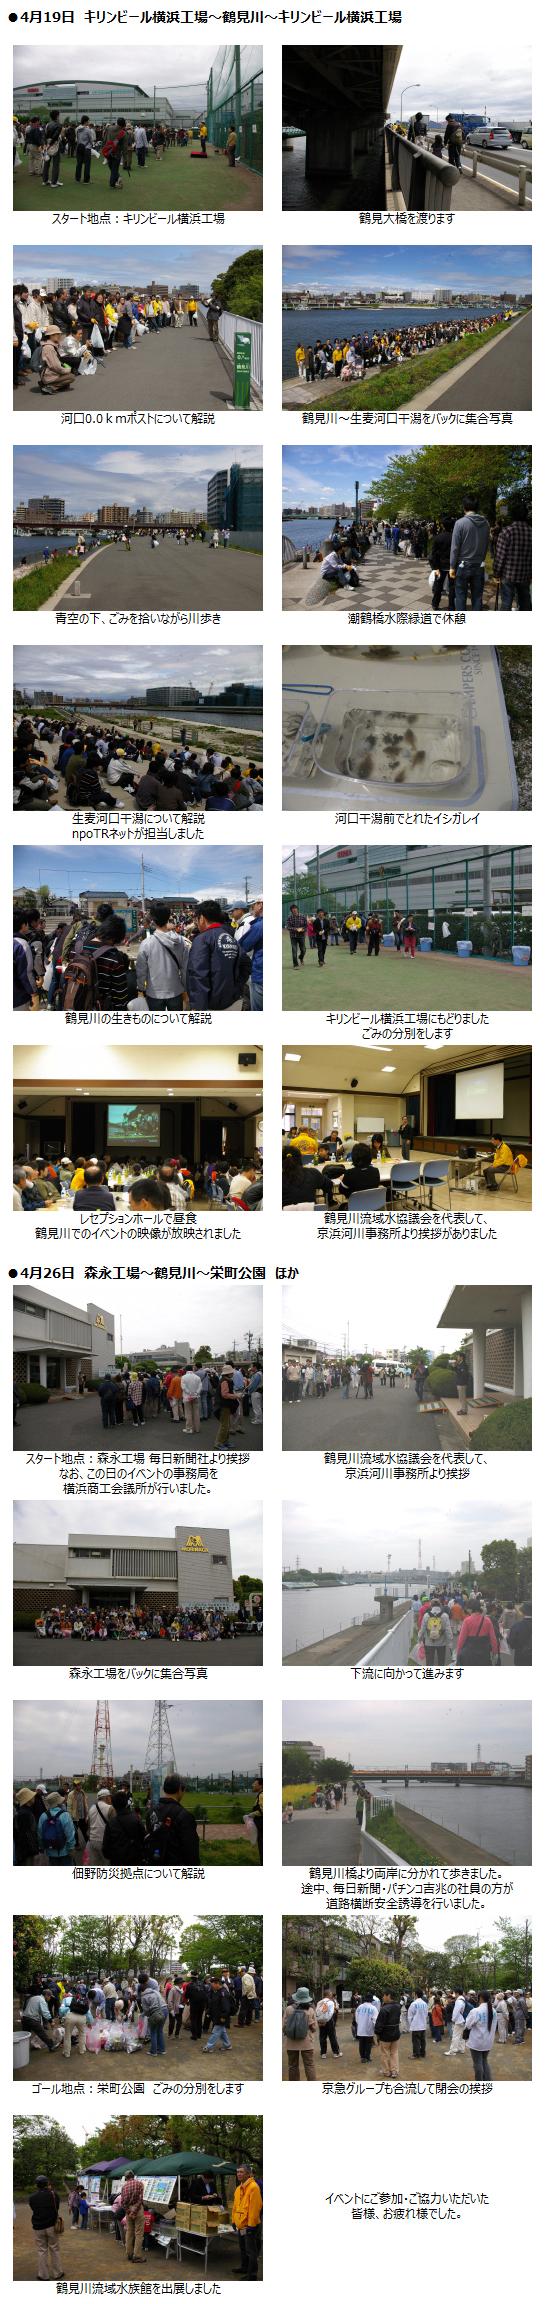 4/19, 4/26 『鶴見川リバークリーン2008』が開催されました